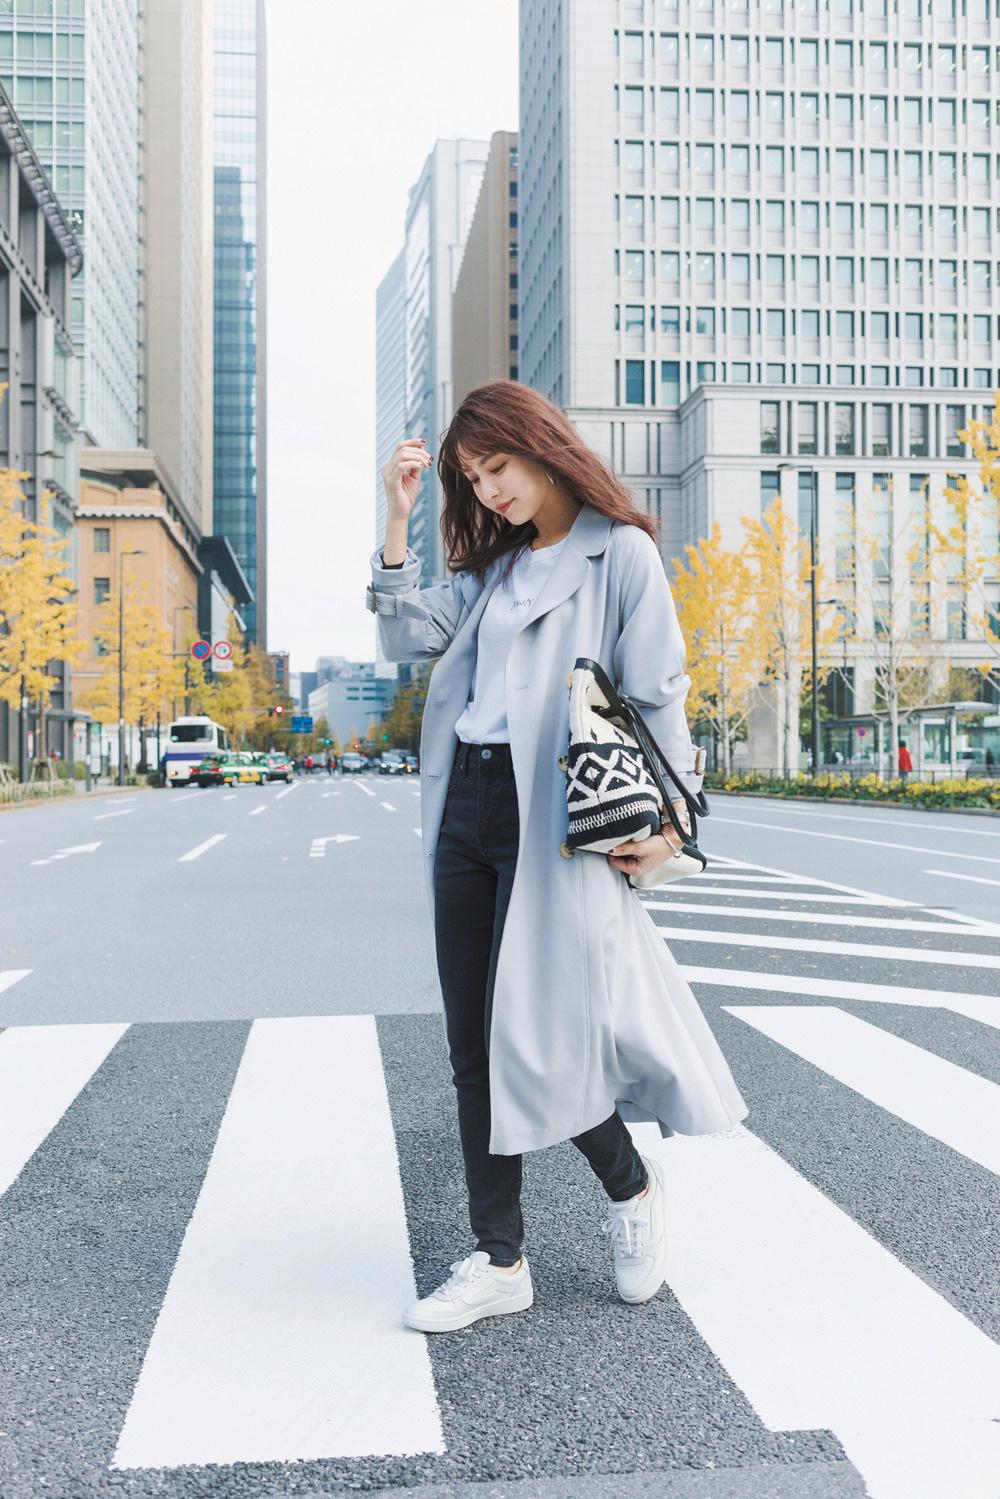 【今日のコーデ】黒スキニー×白スニーカーでキレ味よく♡旬のキレイ色コートの着こなし